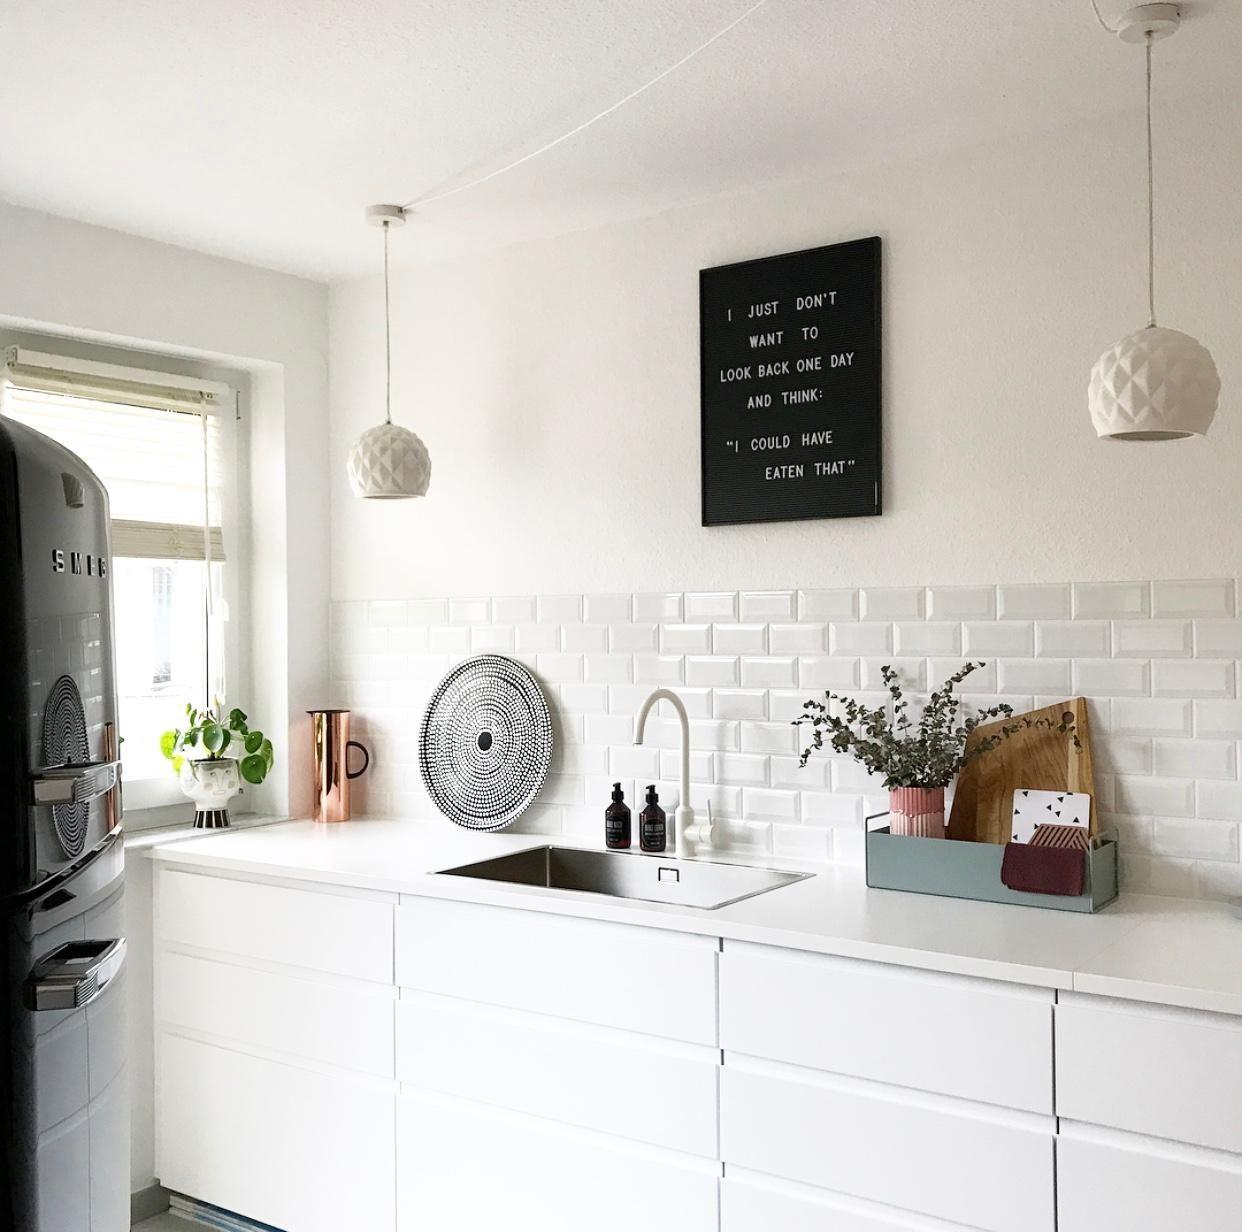 Unsere Küche 🖤. #livingchallenge #küche #metrofliesen In